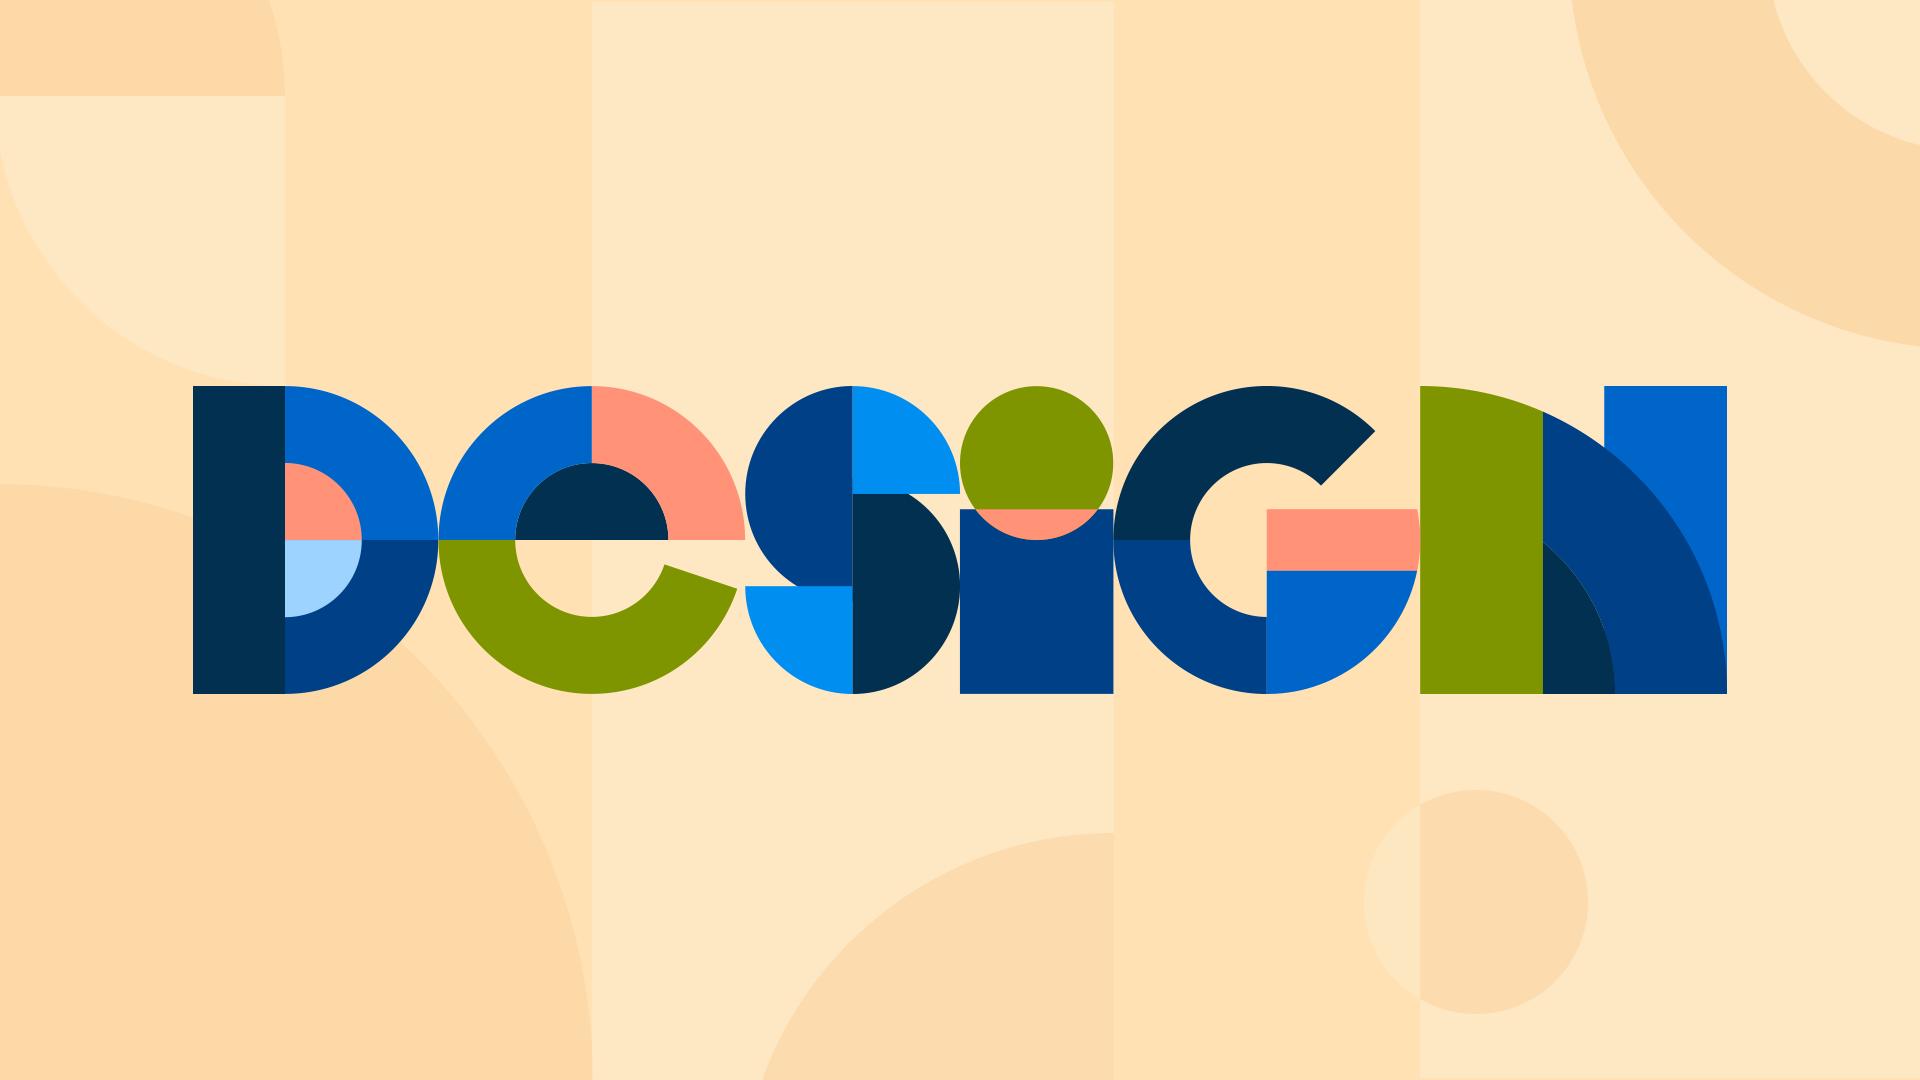 design.linkedin